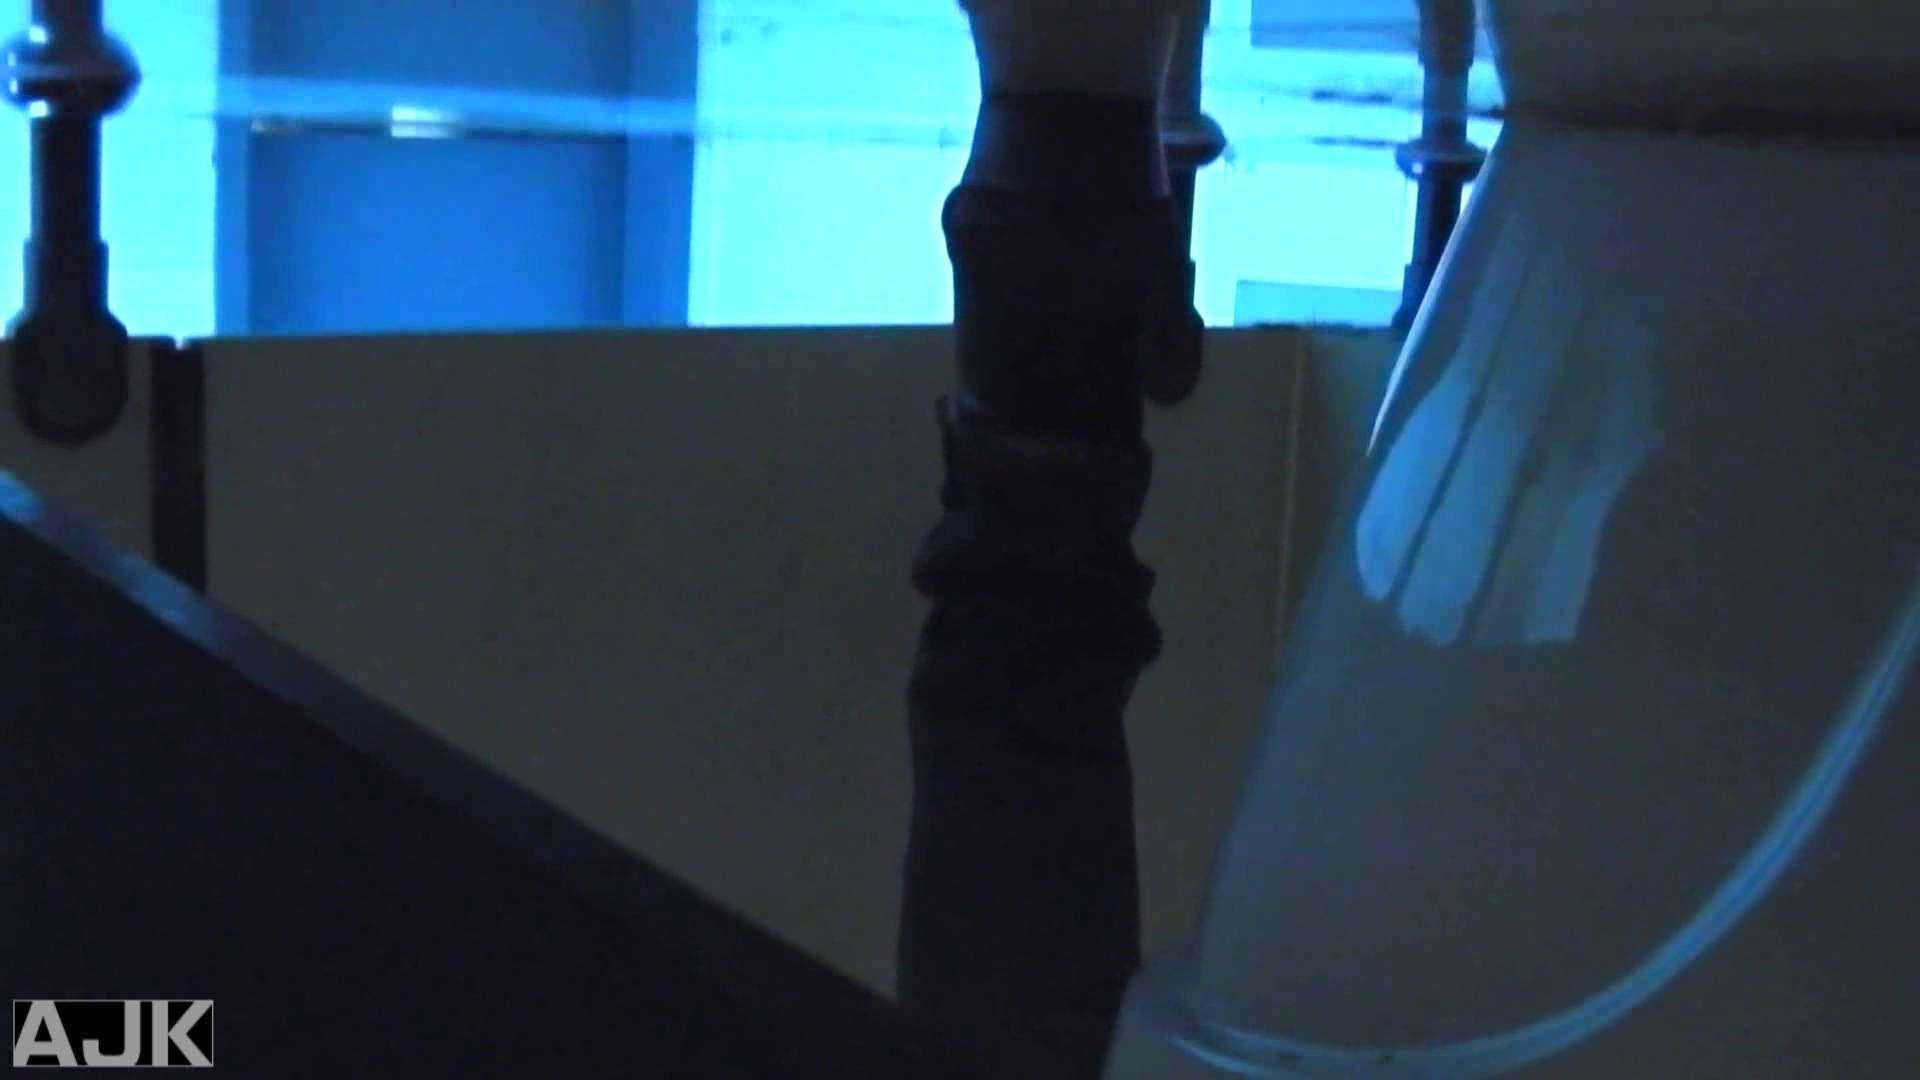 隣国上階級エリアの令嬢たちが集うデパートお手洗い Vol.12 便器 オマンコ動画キャプチャ 99枚 63